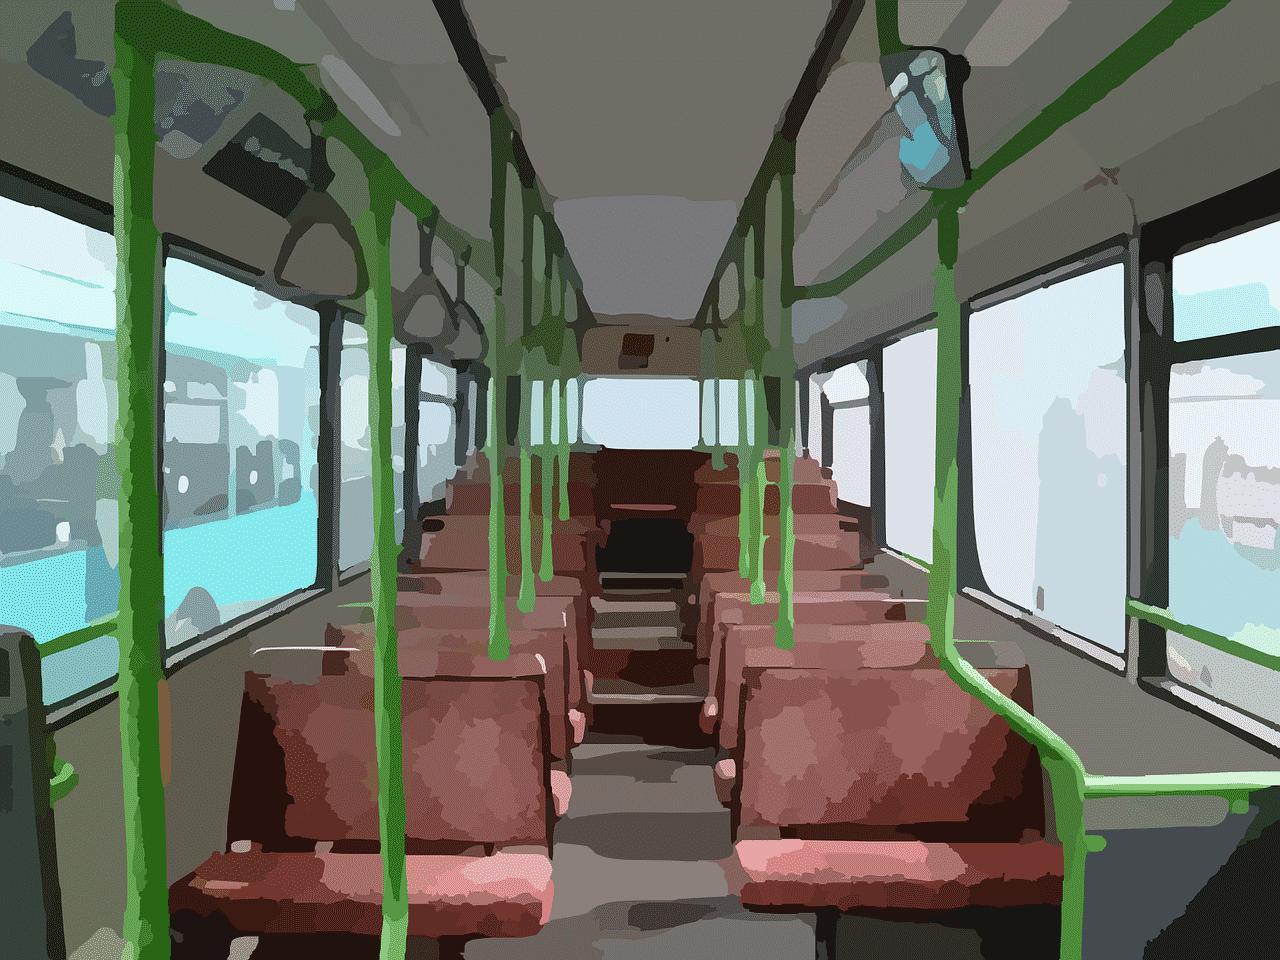 място в градския транспорт